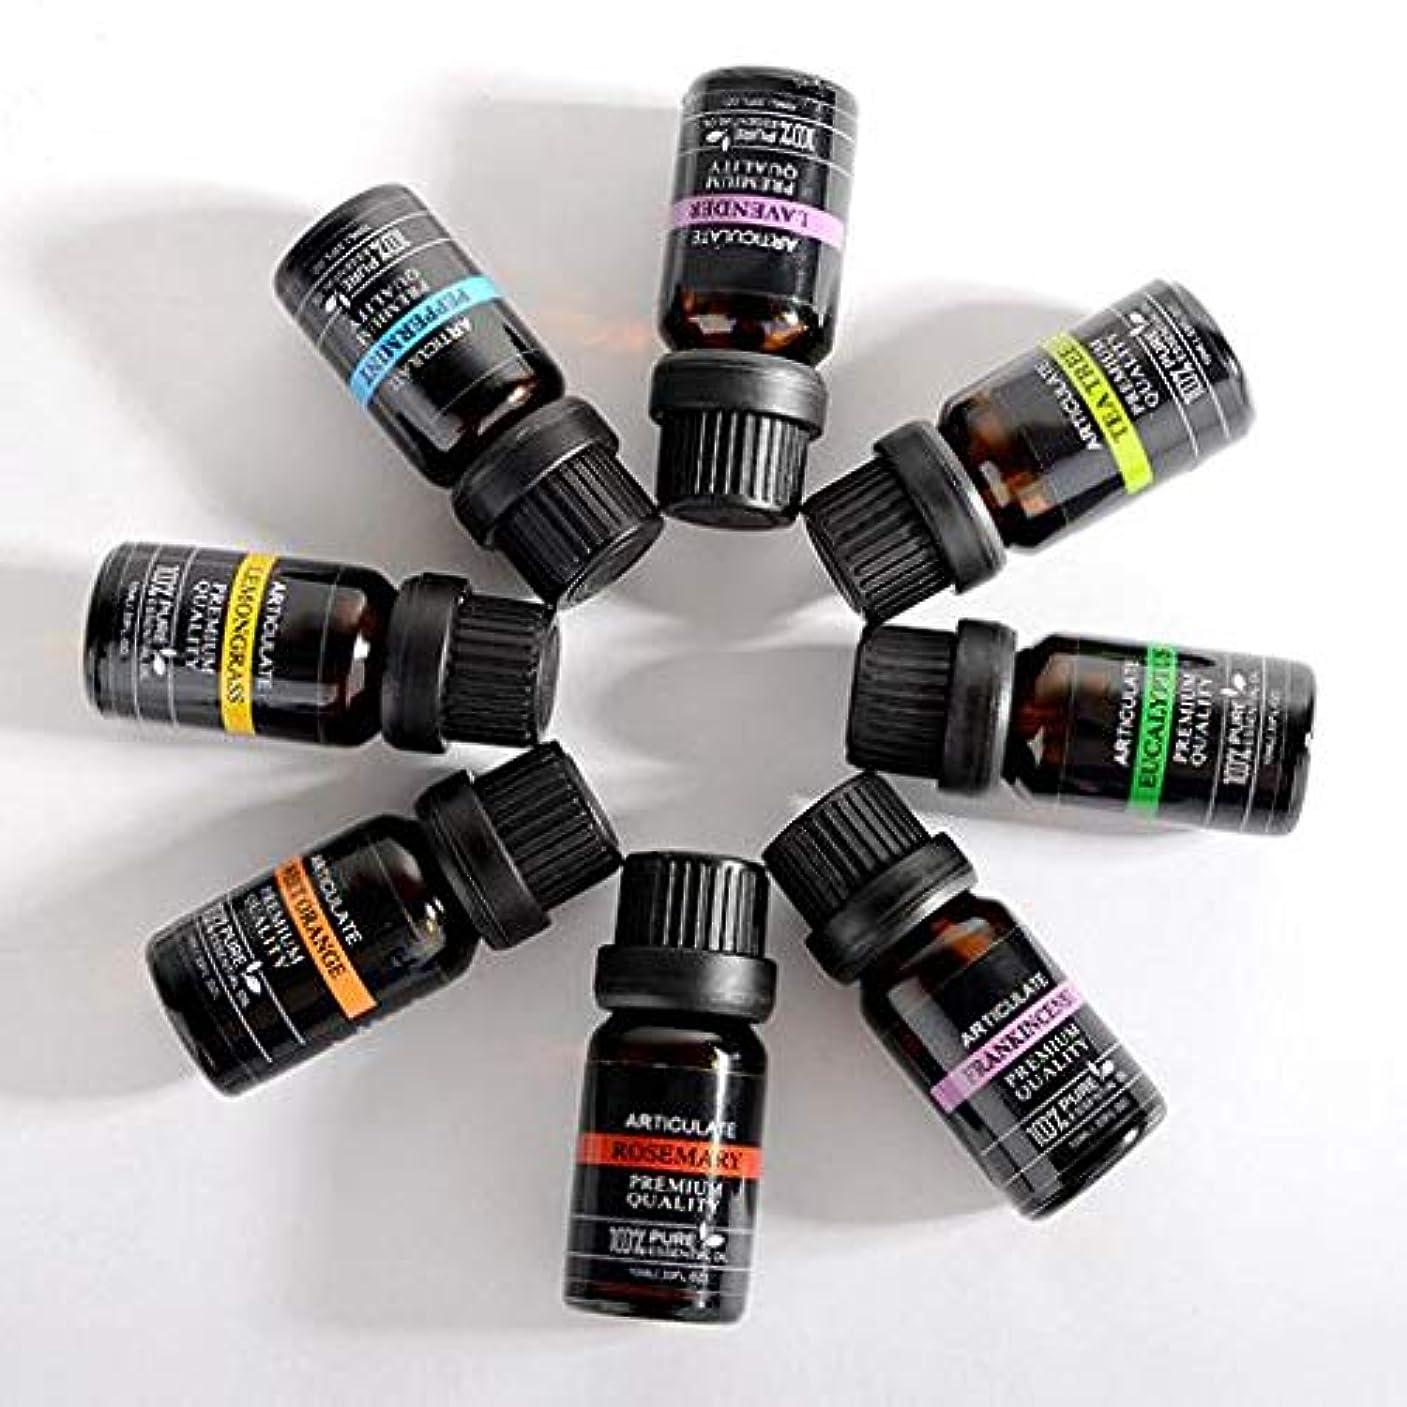 無効にするダイヤル荷物Lioncorek エッセンシャルオイル オイル アロマオイル 精油 水溶性 ナチュラル フレグランス 100%純粋 有機植物 加湿器用 8種の香りセット